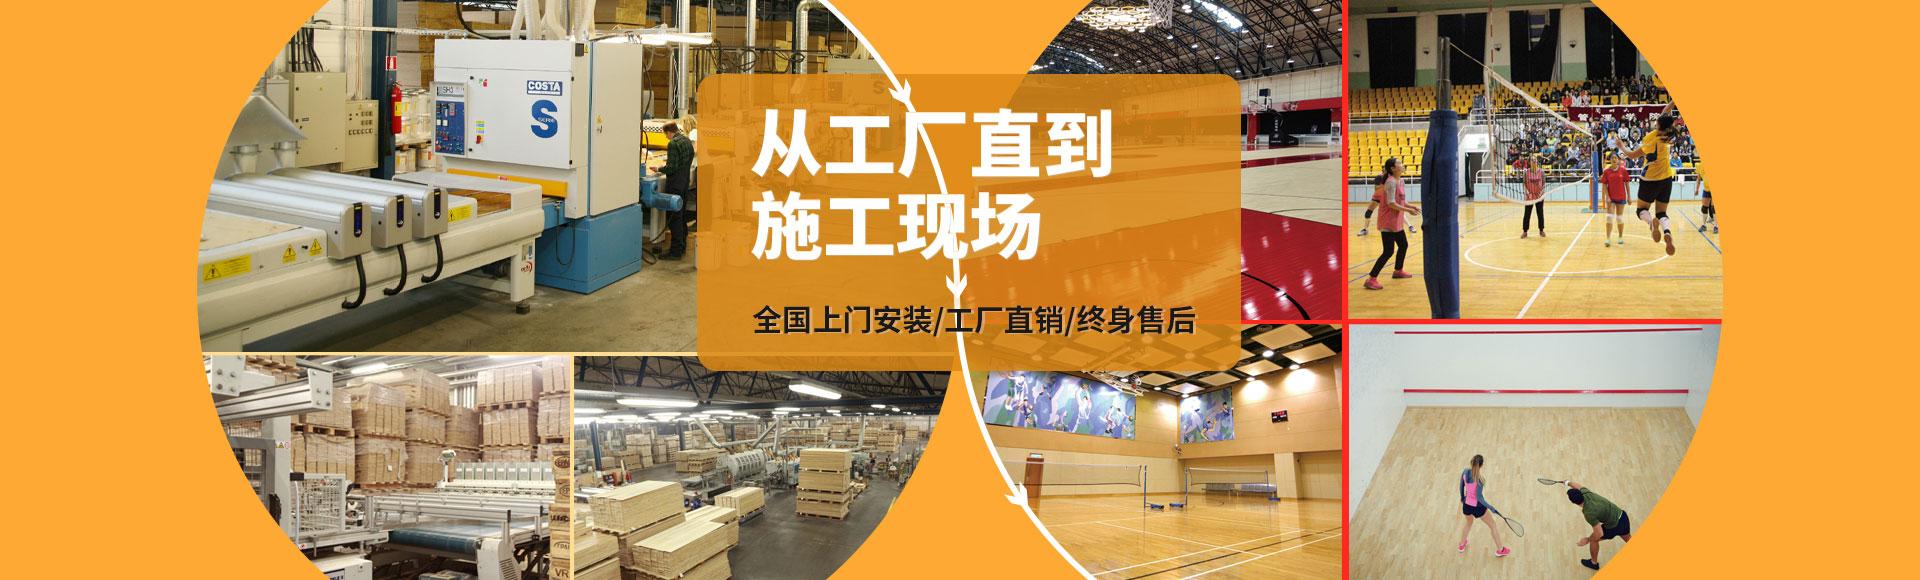 篮球木地板厂家 体育木地板厂家 舞台木地板厂家_运动木地板